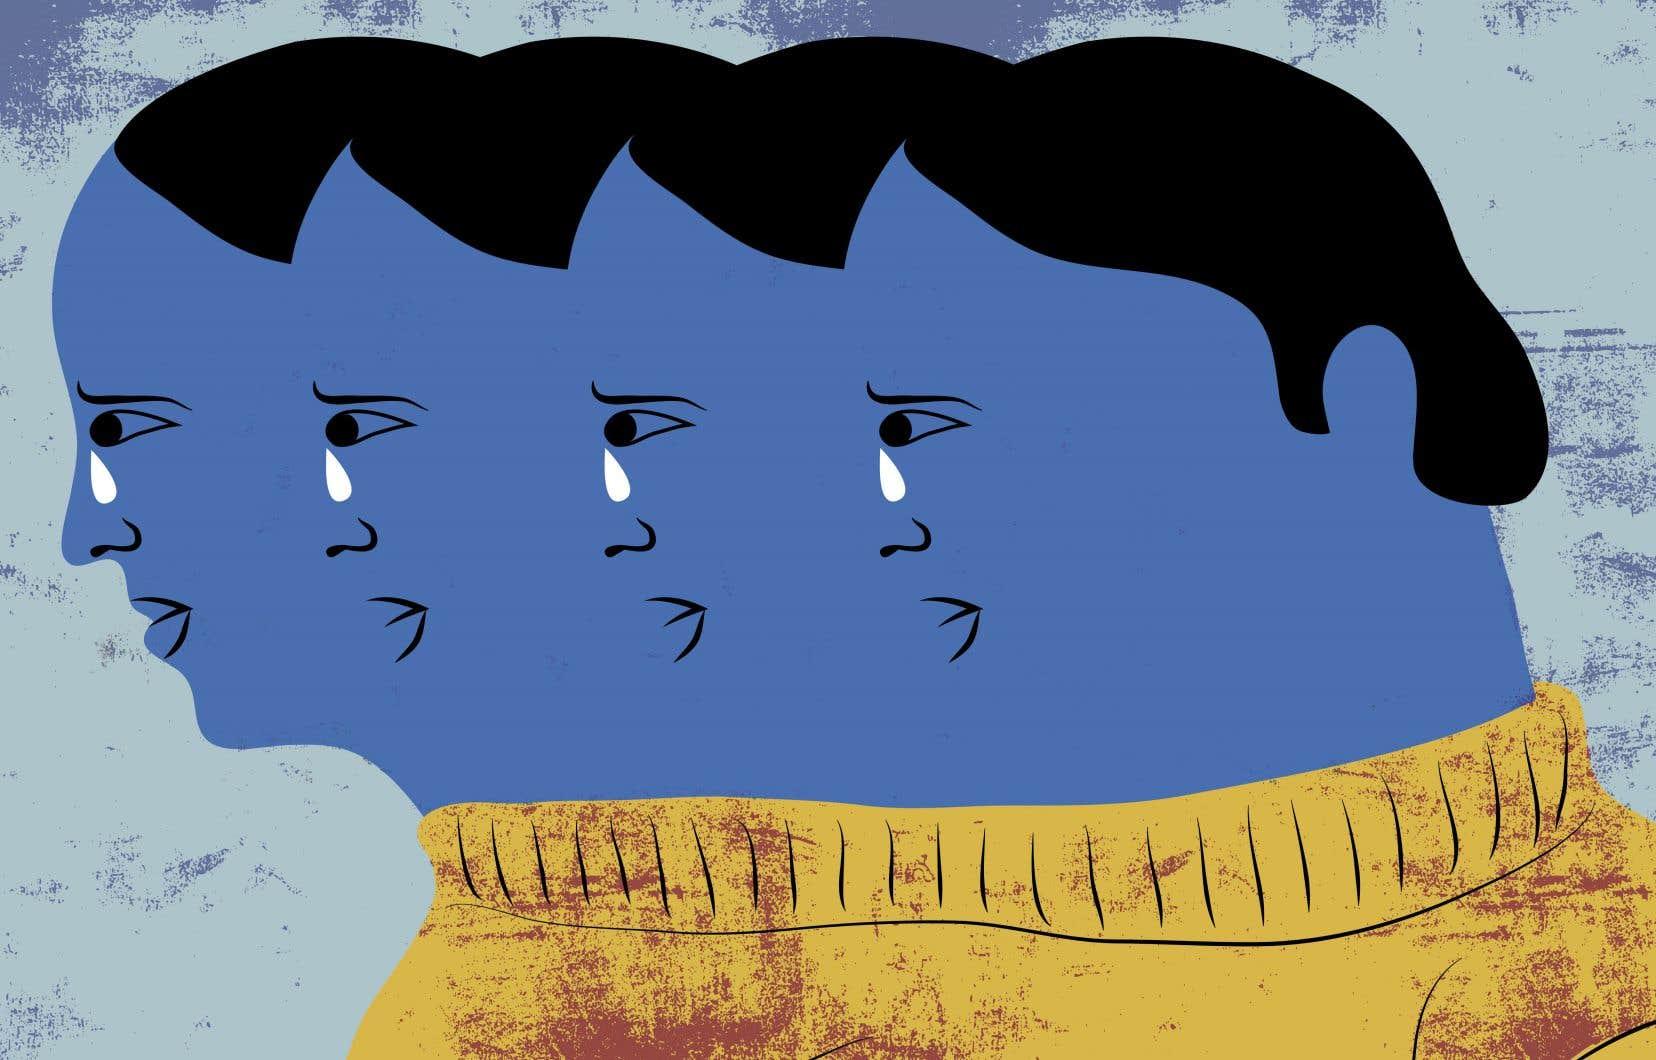 Selon Anne-Cécile Robert, l'«extension du domaine de la larme» empêcherait de penser dans toute leur complexité les enjeux de notre époque.